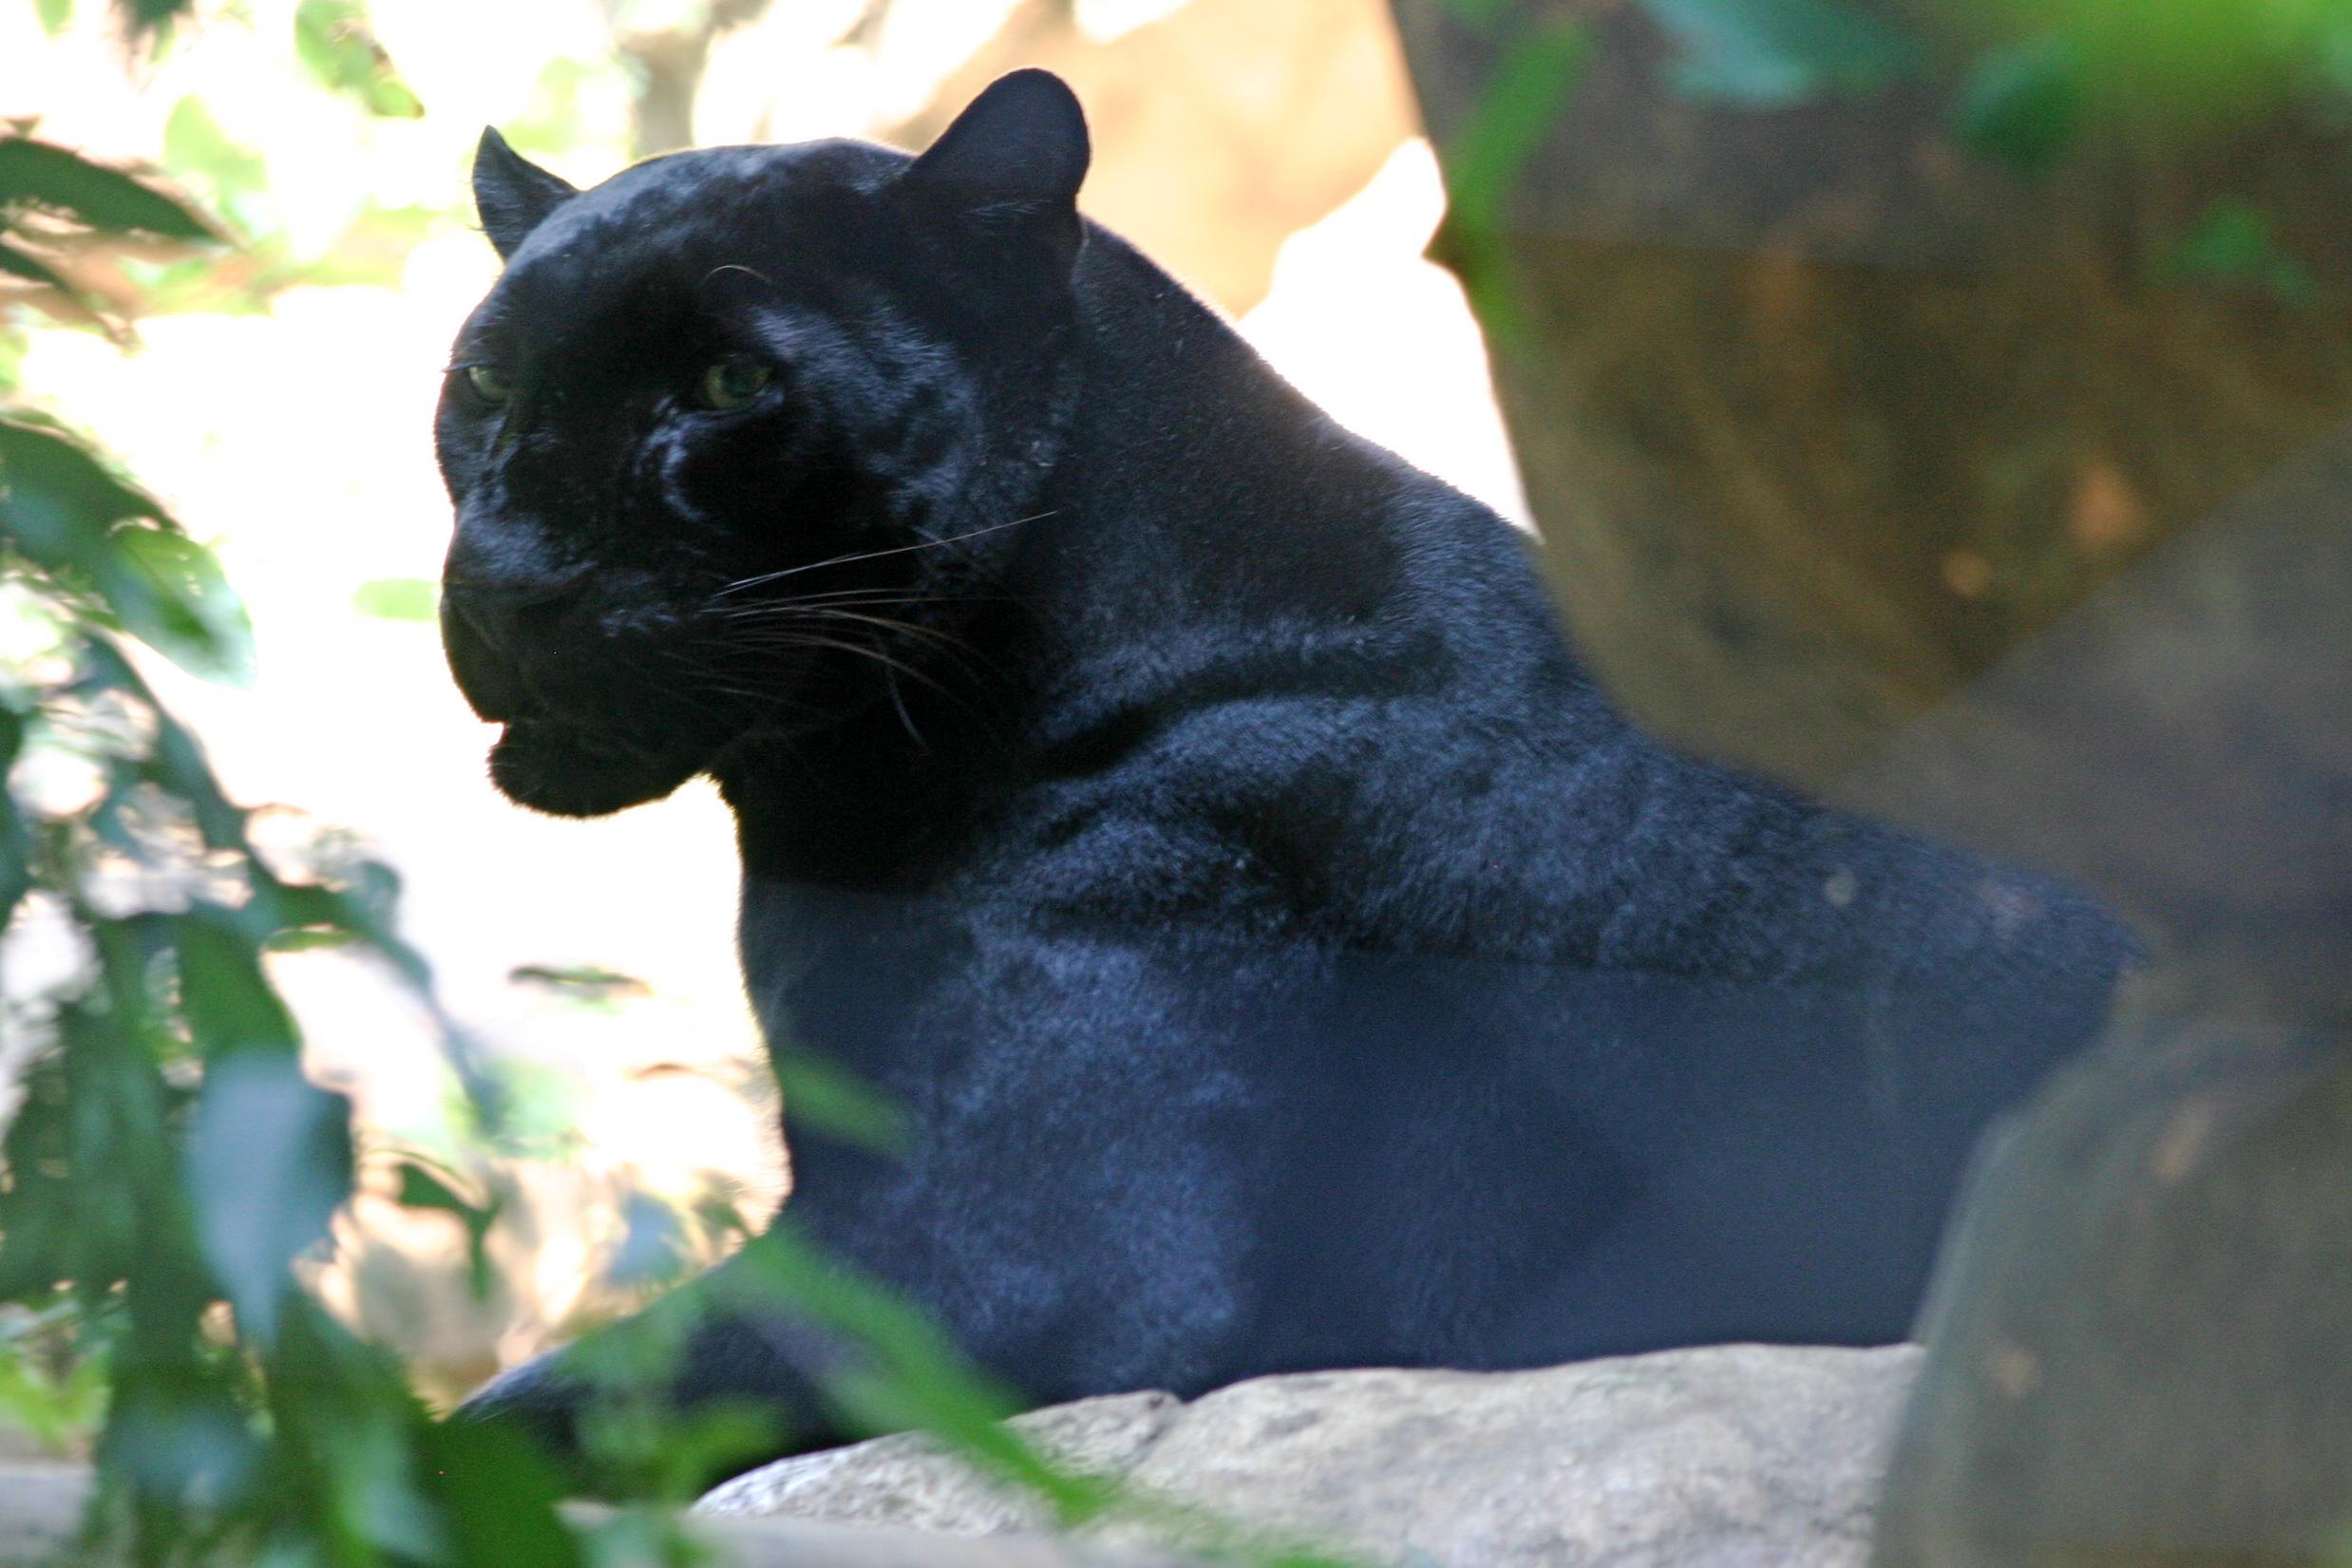 Big Black Cat In The Woods